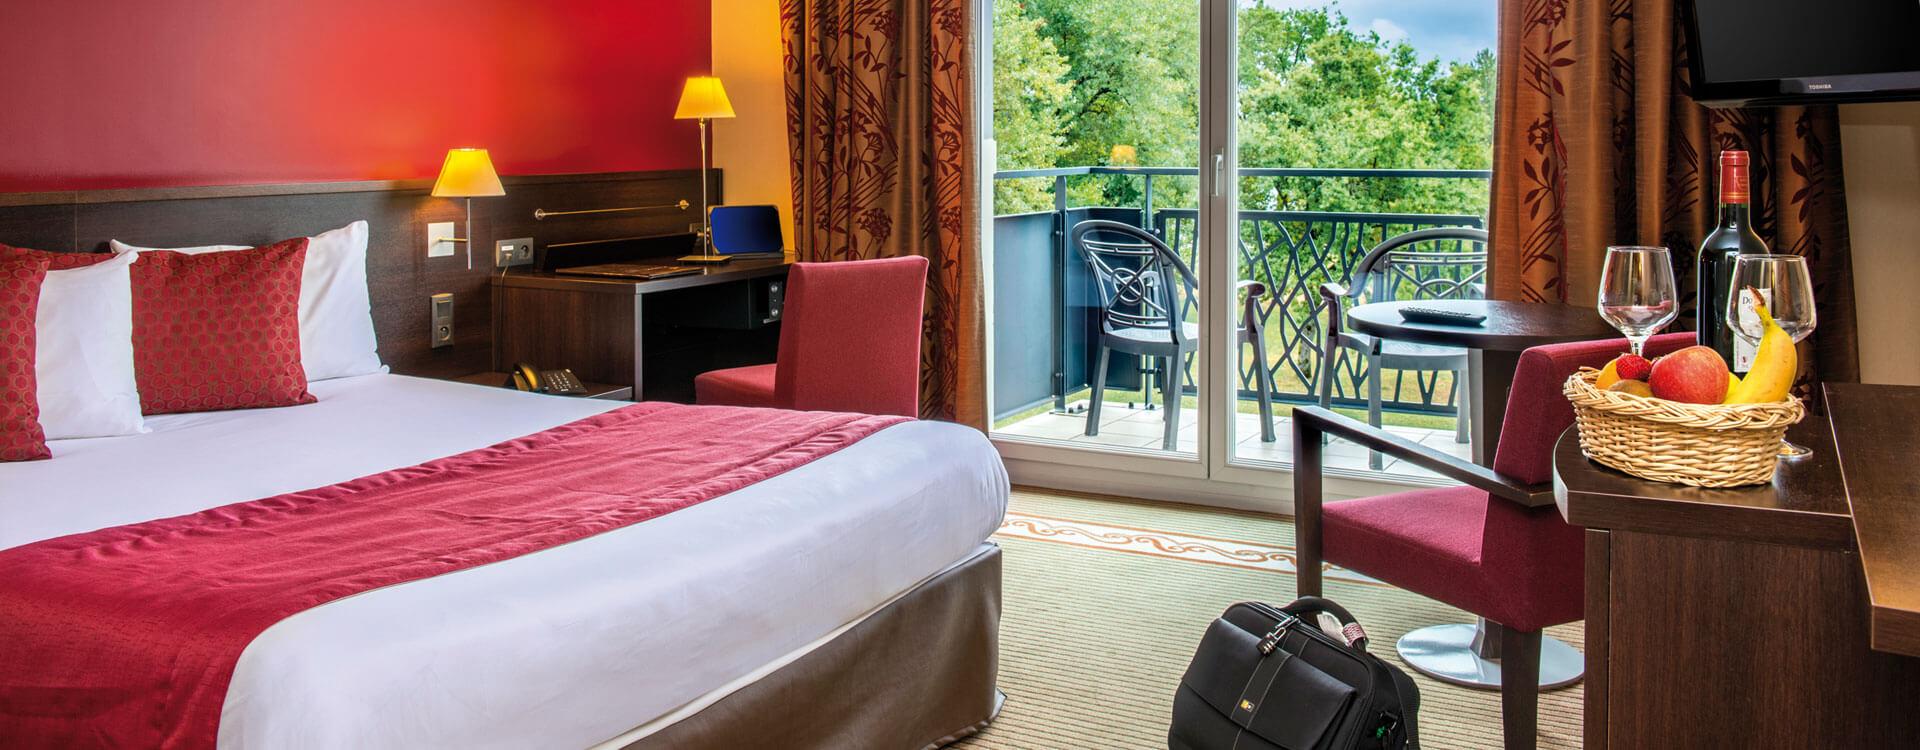 Chambre double - Hôtel et résidence La Villa du Lac à Divonne